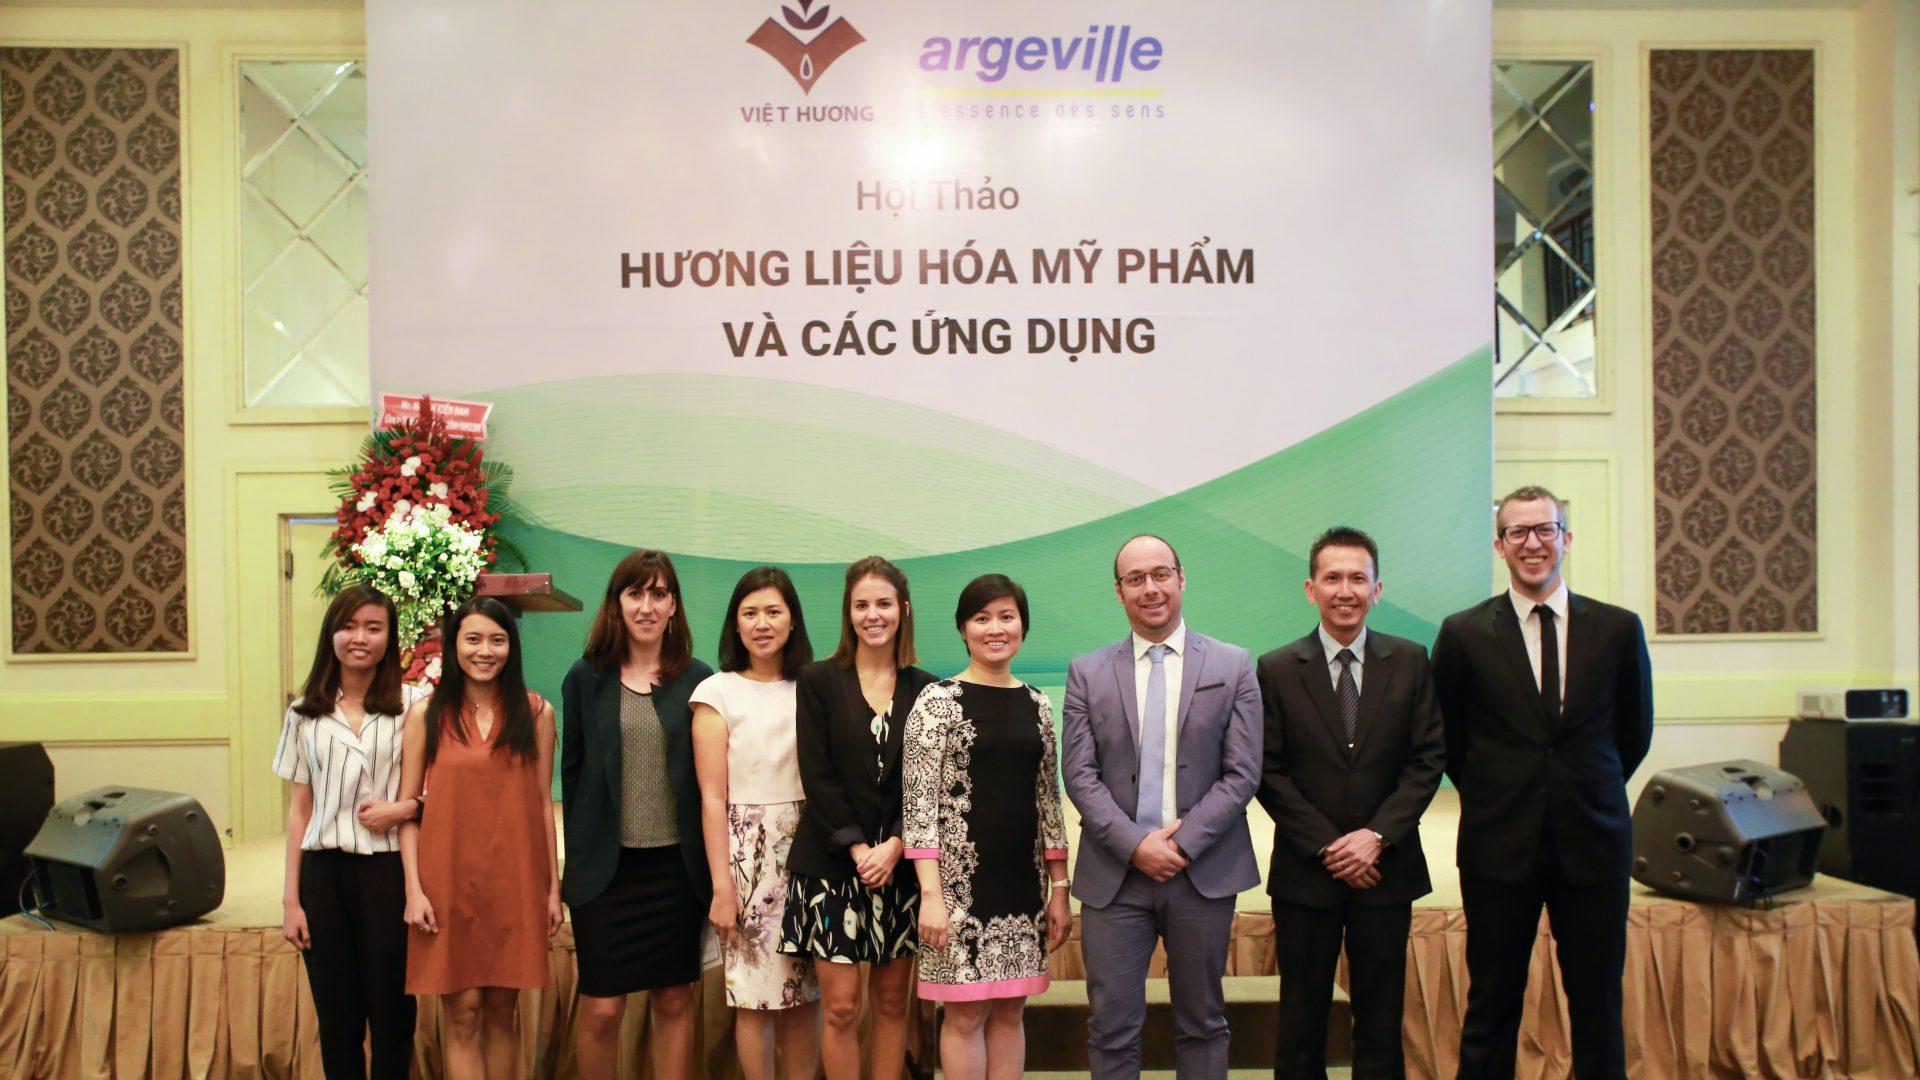 Công ty hương liệu Việt Hương tổ chức hội thảo 2018